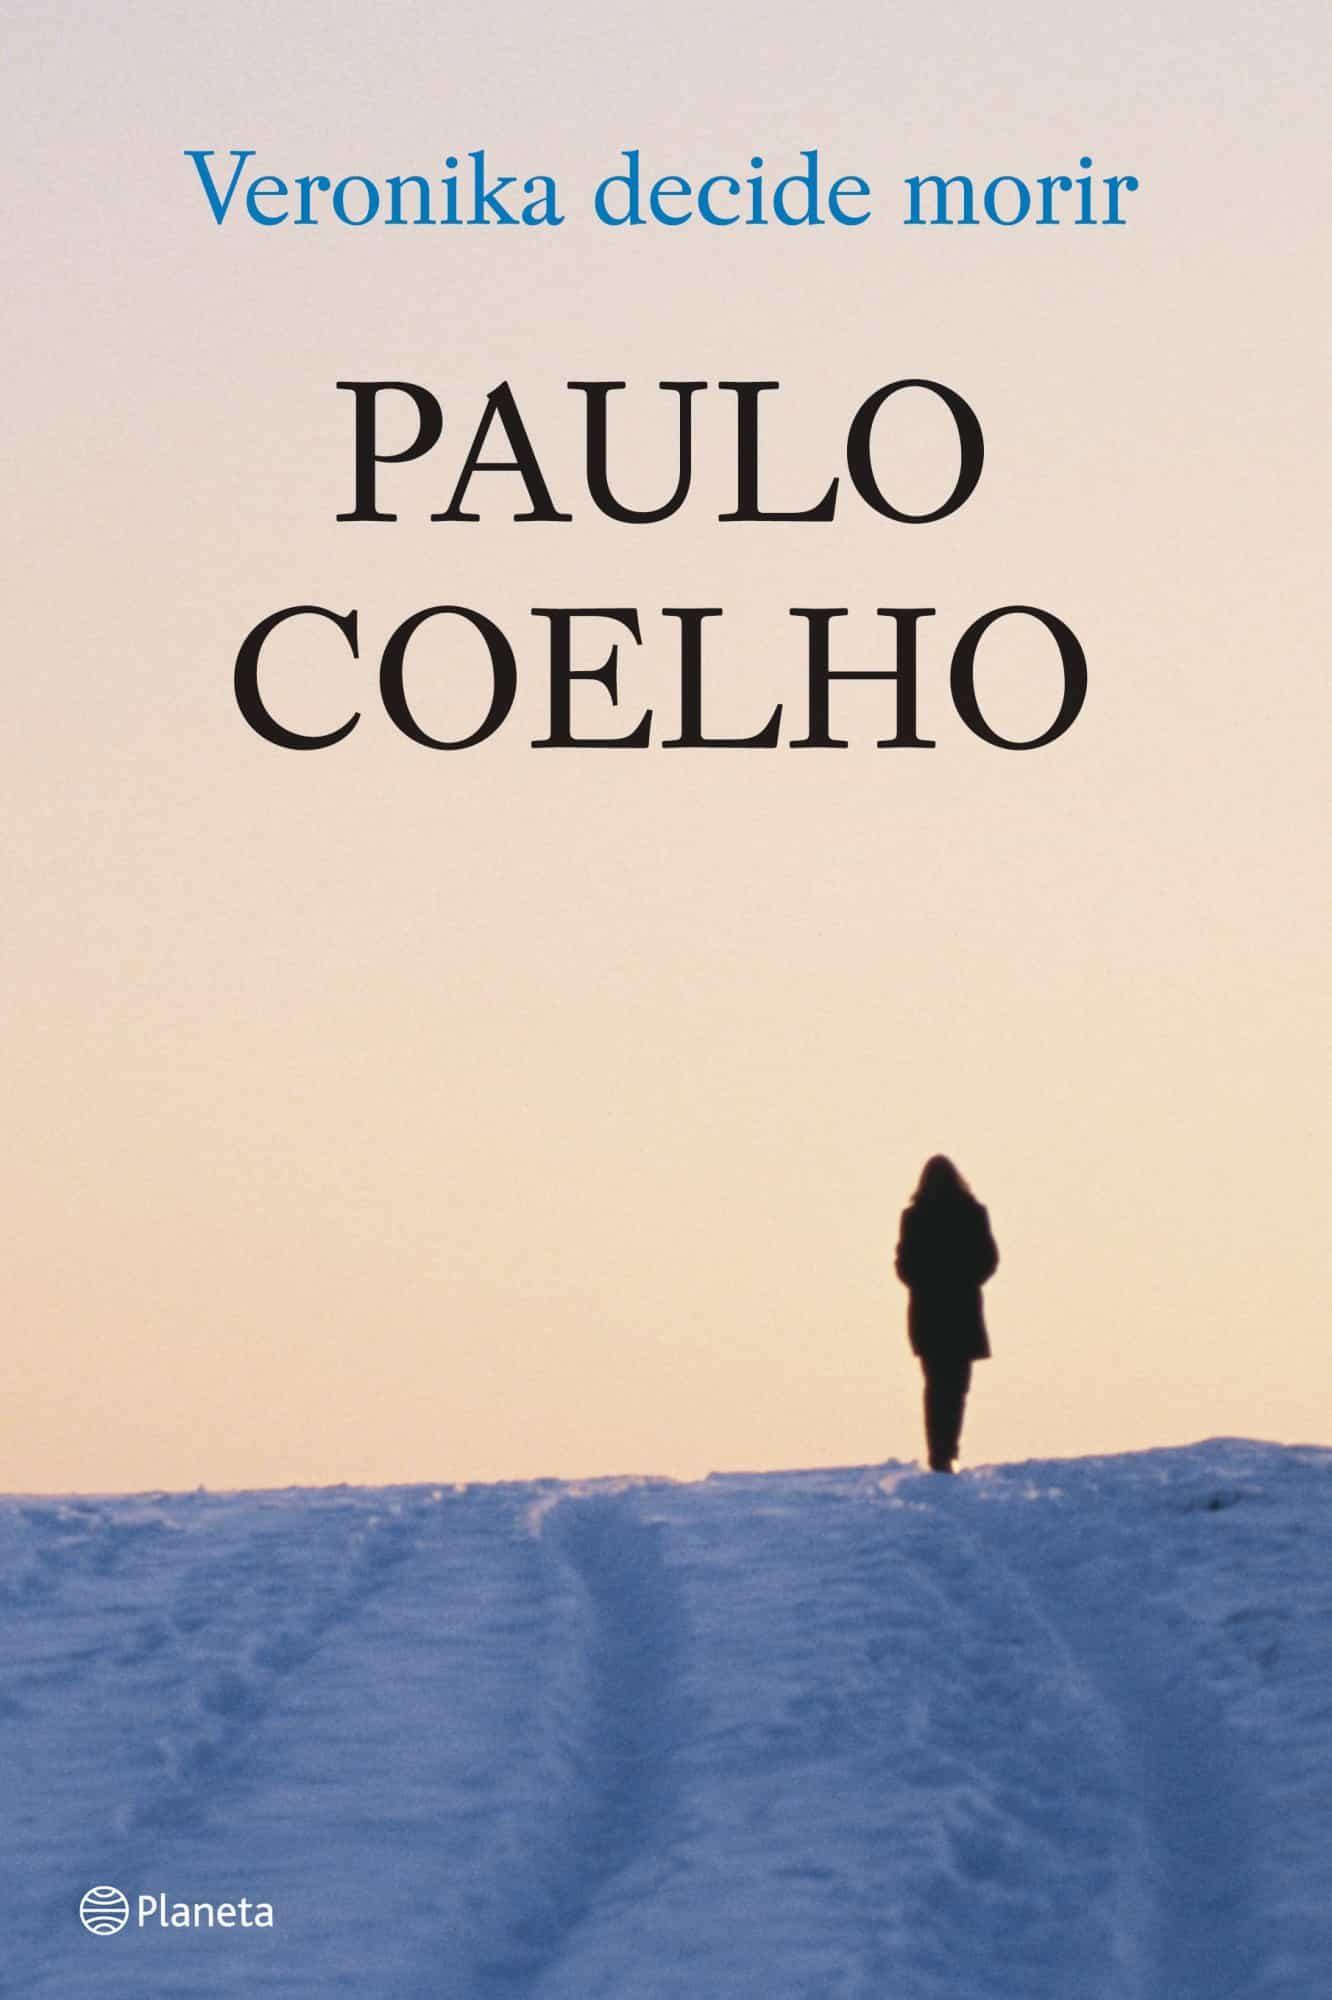 Veronica Decide Morir por Paulo Coelho epub